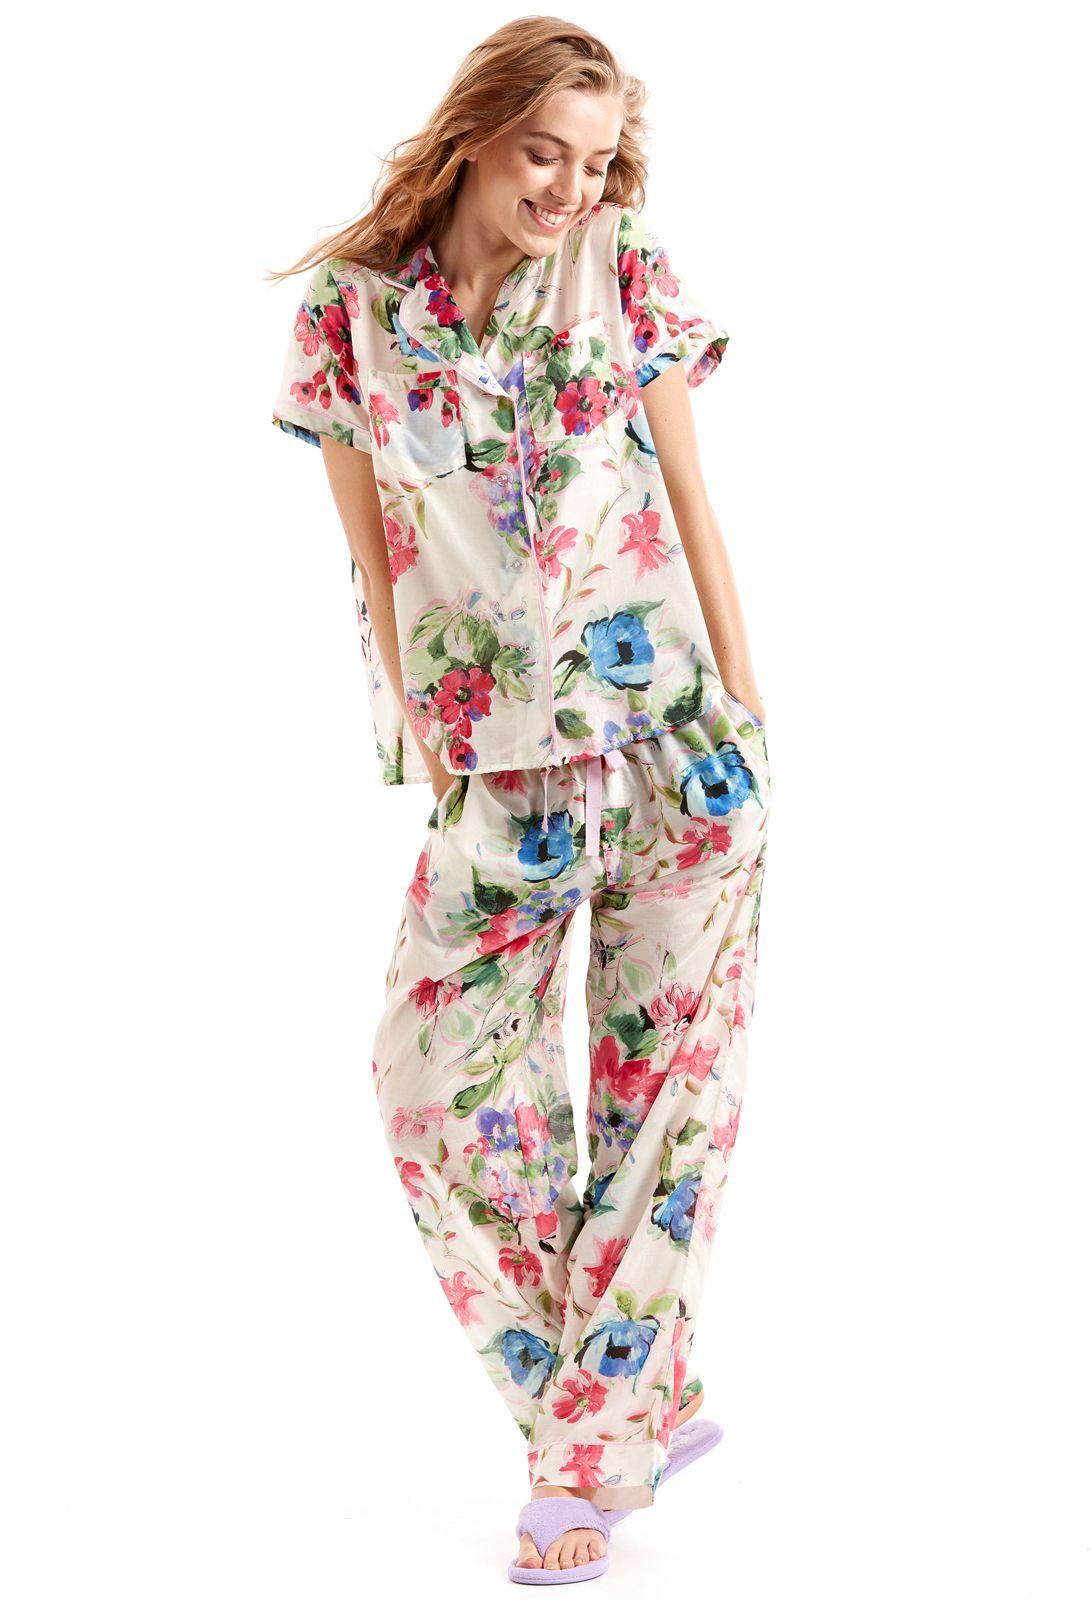 cbce0f13e6 Floral Luxe Pj Set